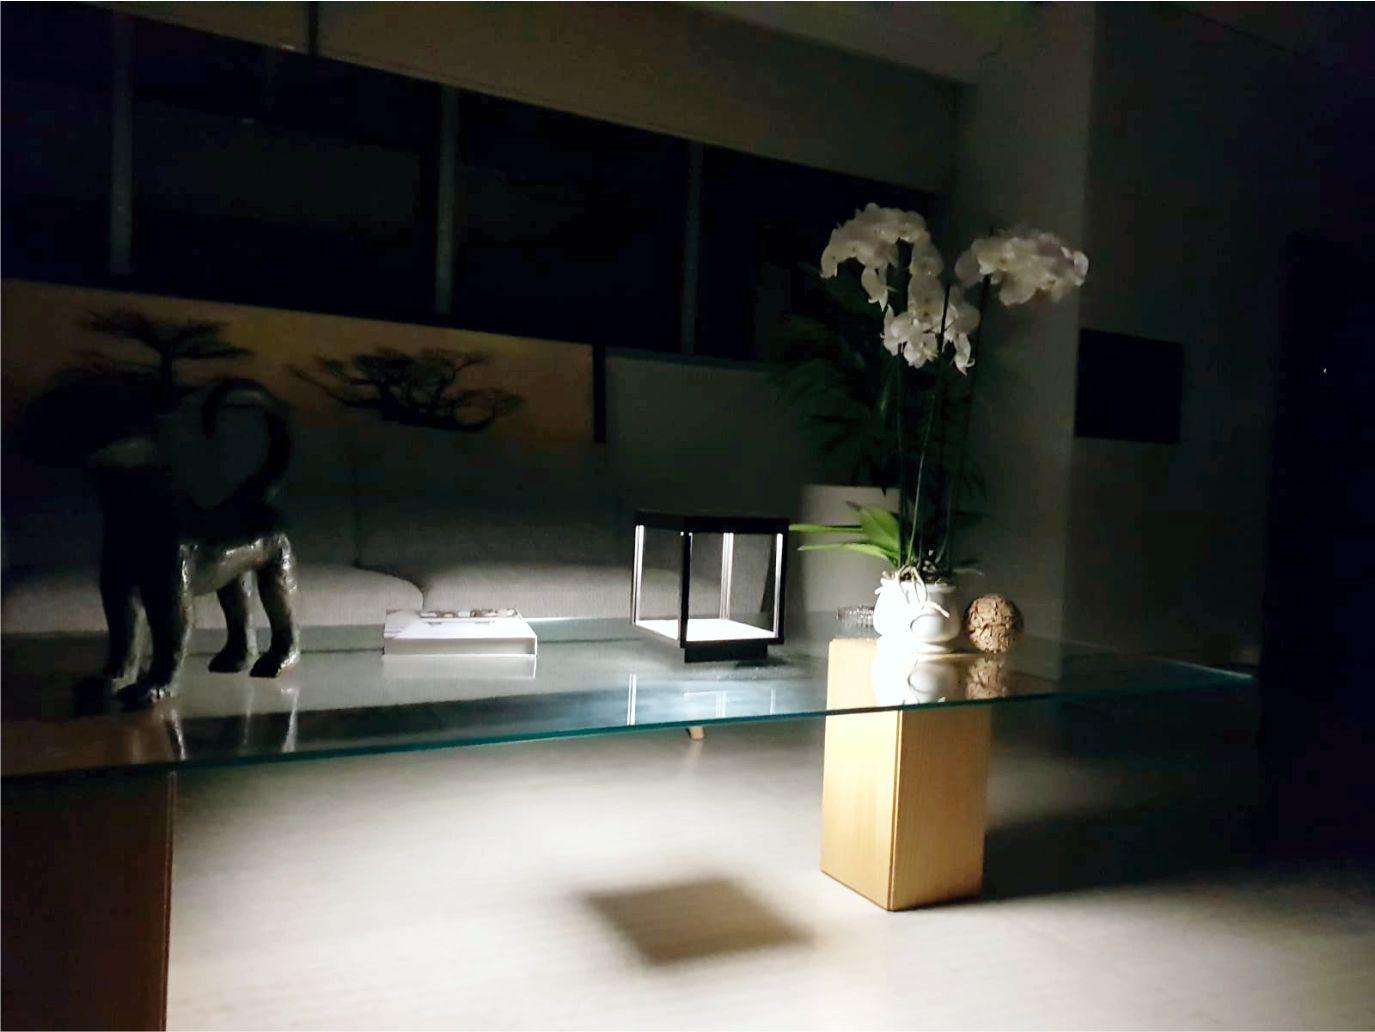 Als dekoratives Element im Wohnbereich